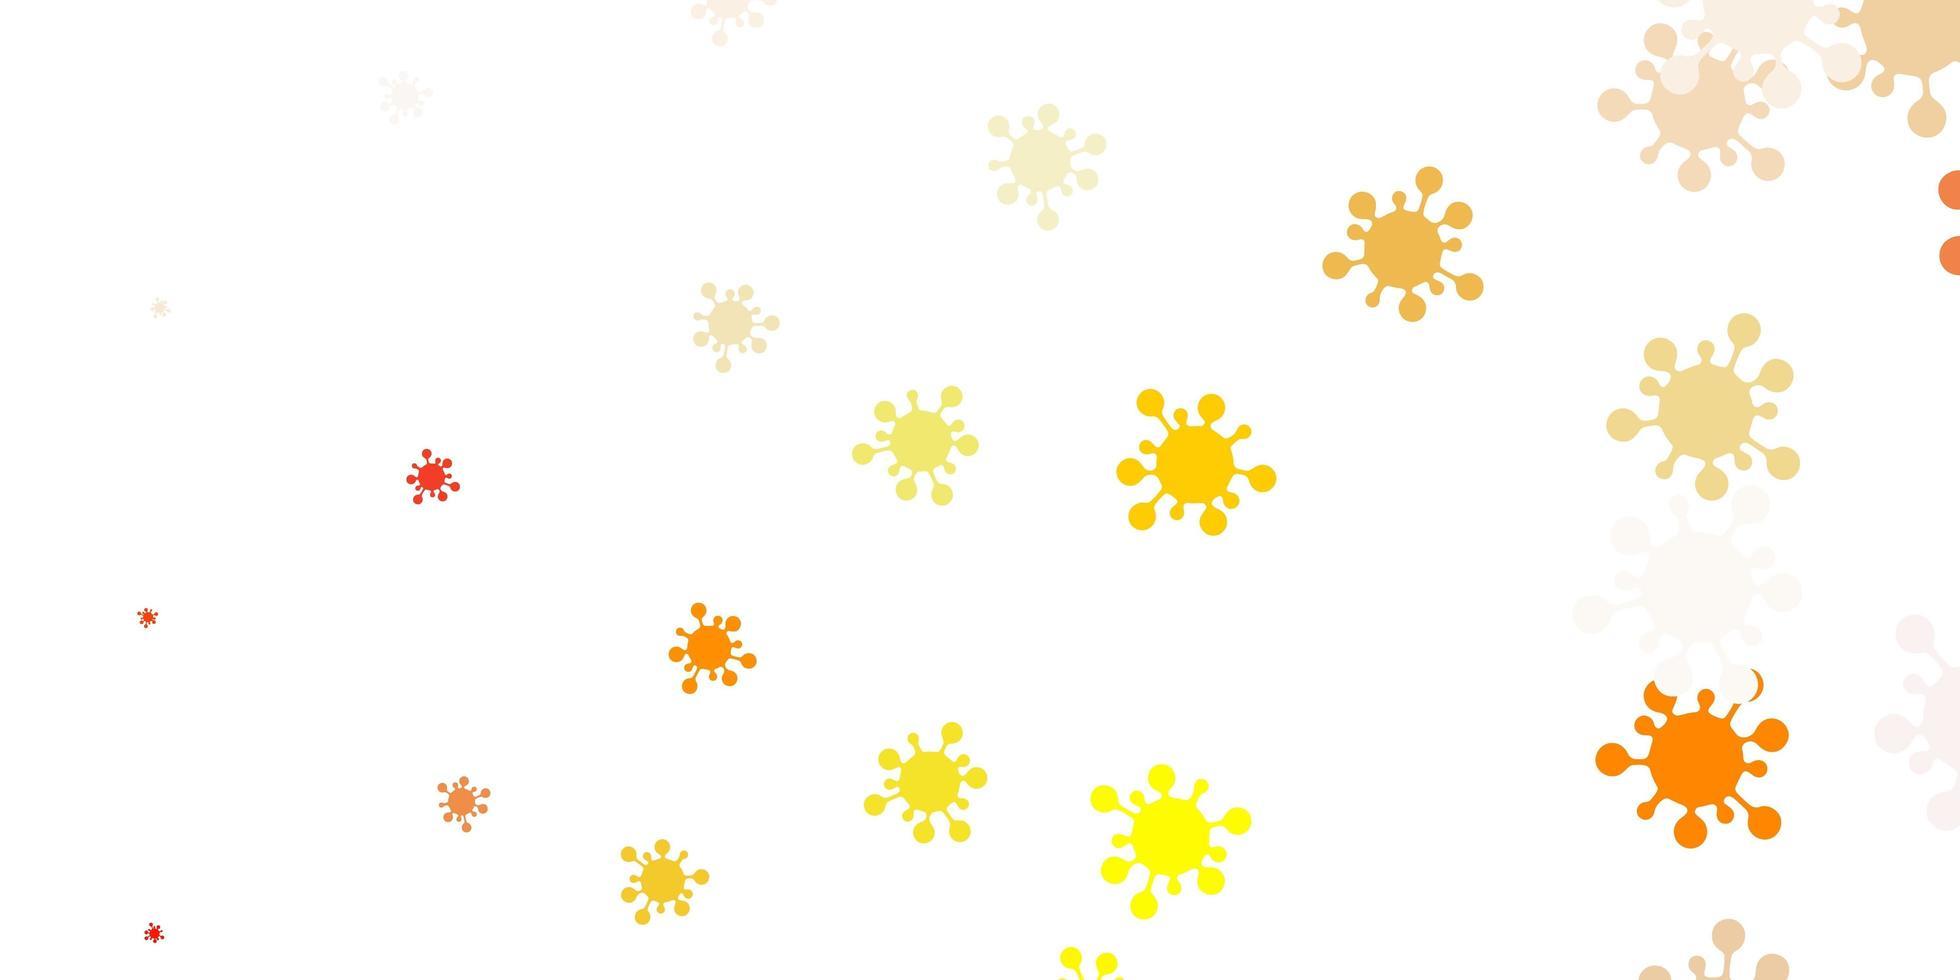 lichtoranje vectorpatroon met coronaviruselementen. vector